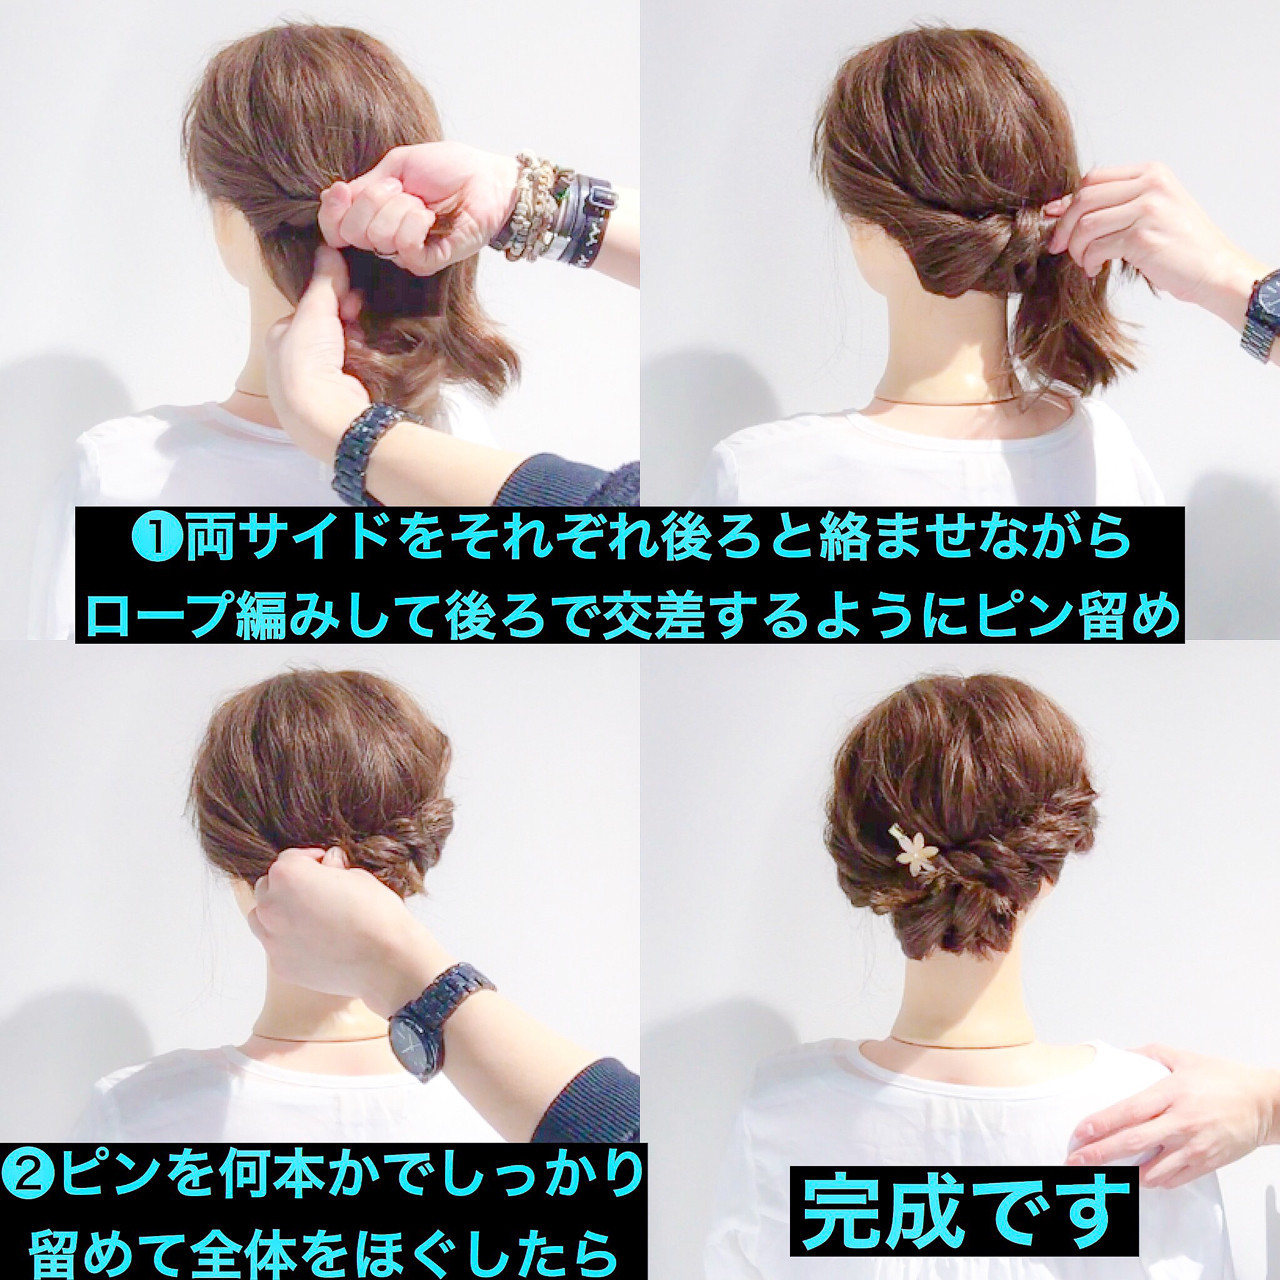 パーティーの主役級☆サイドアップヘアアレンジ 美容師 HIRO